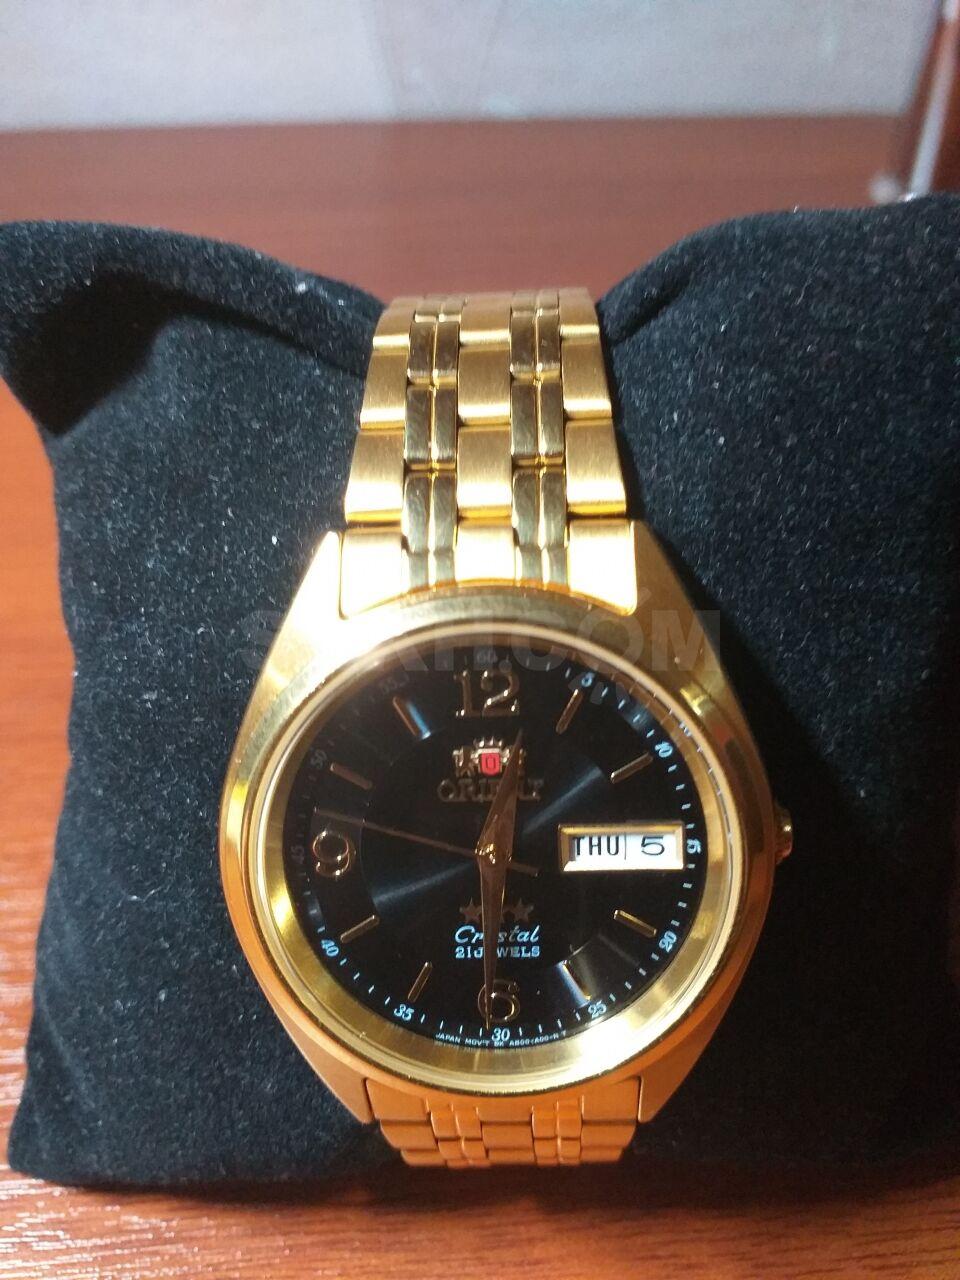 Автомат продам часы в час сша квт стоимость